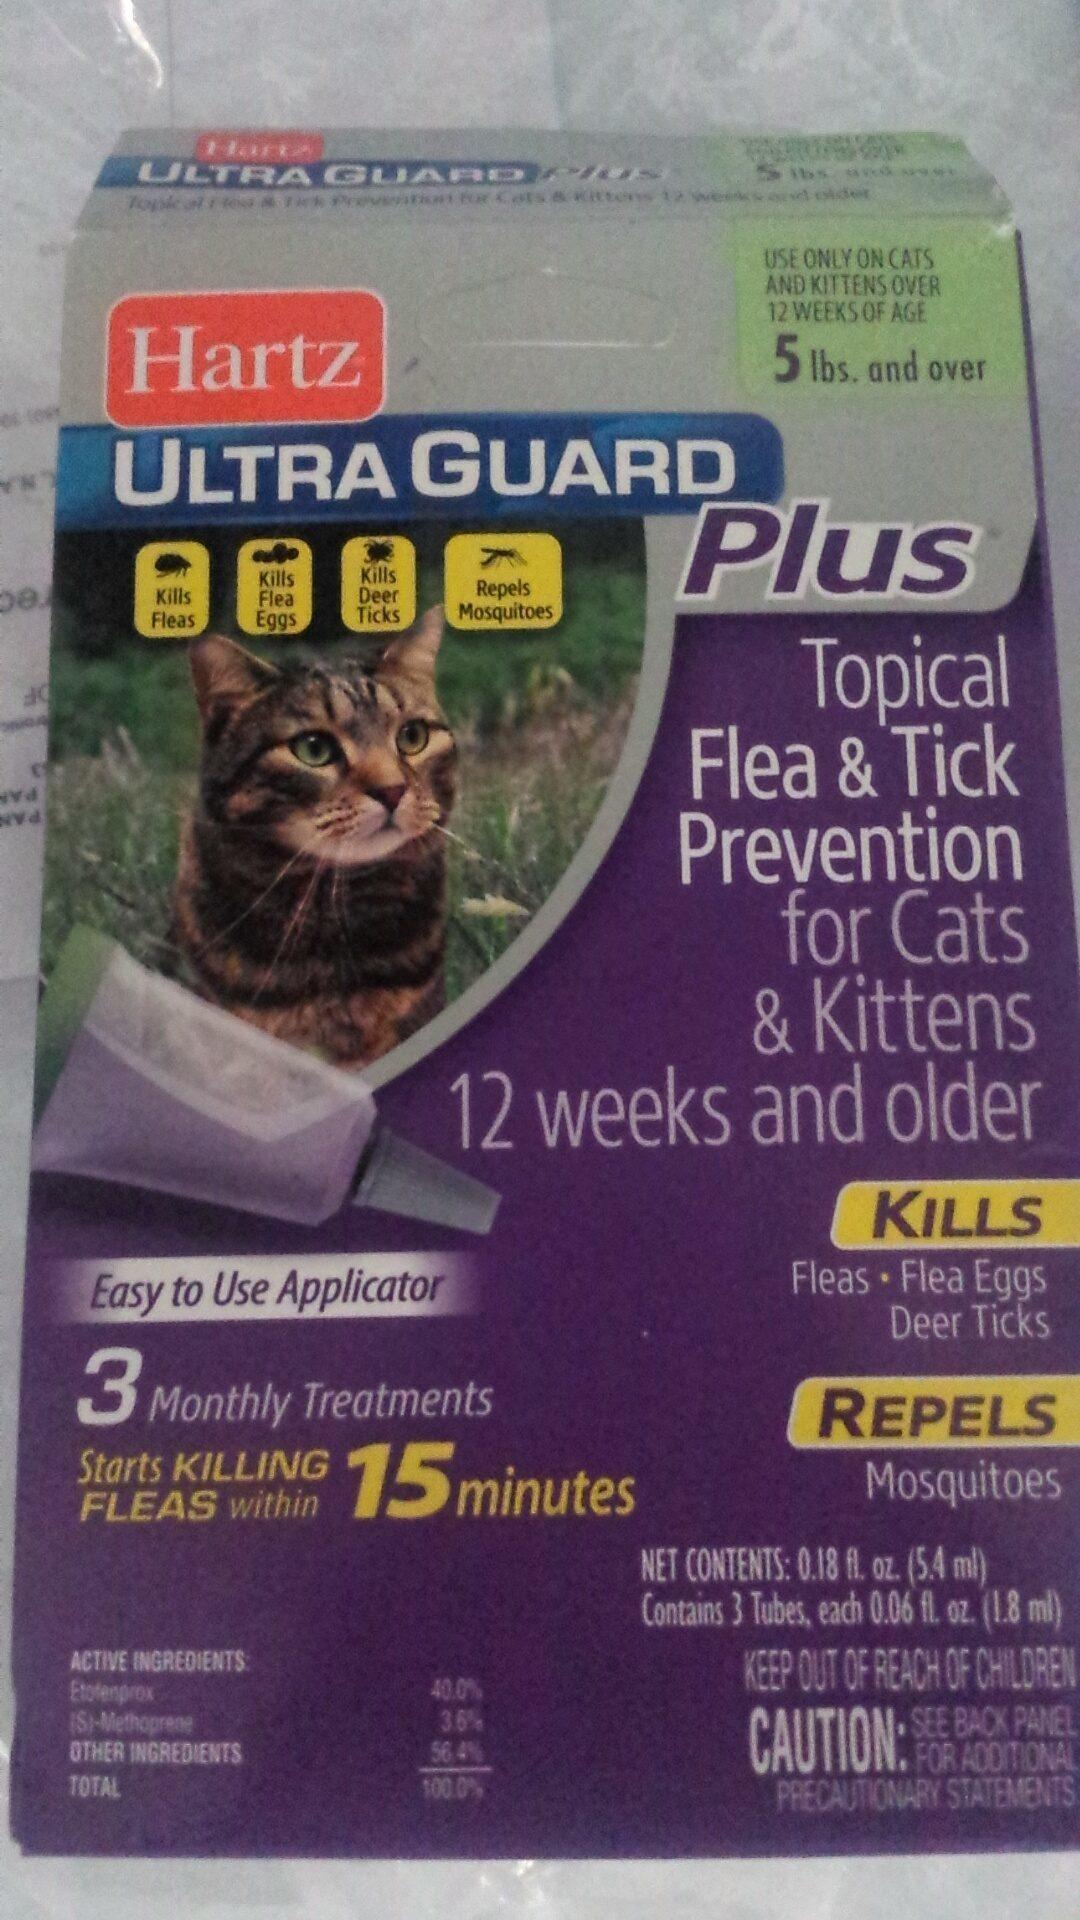 Hartz Cat Flea And Tick Drops Reviews